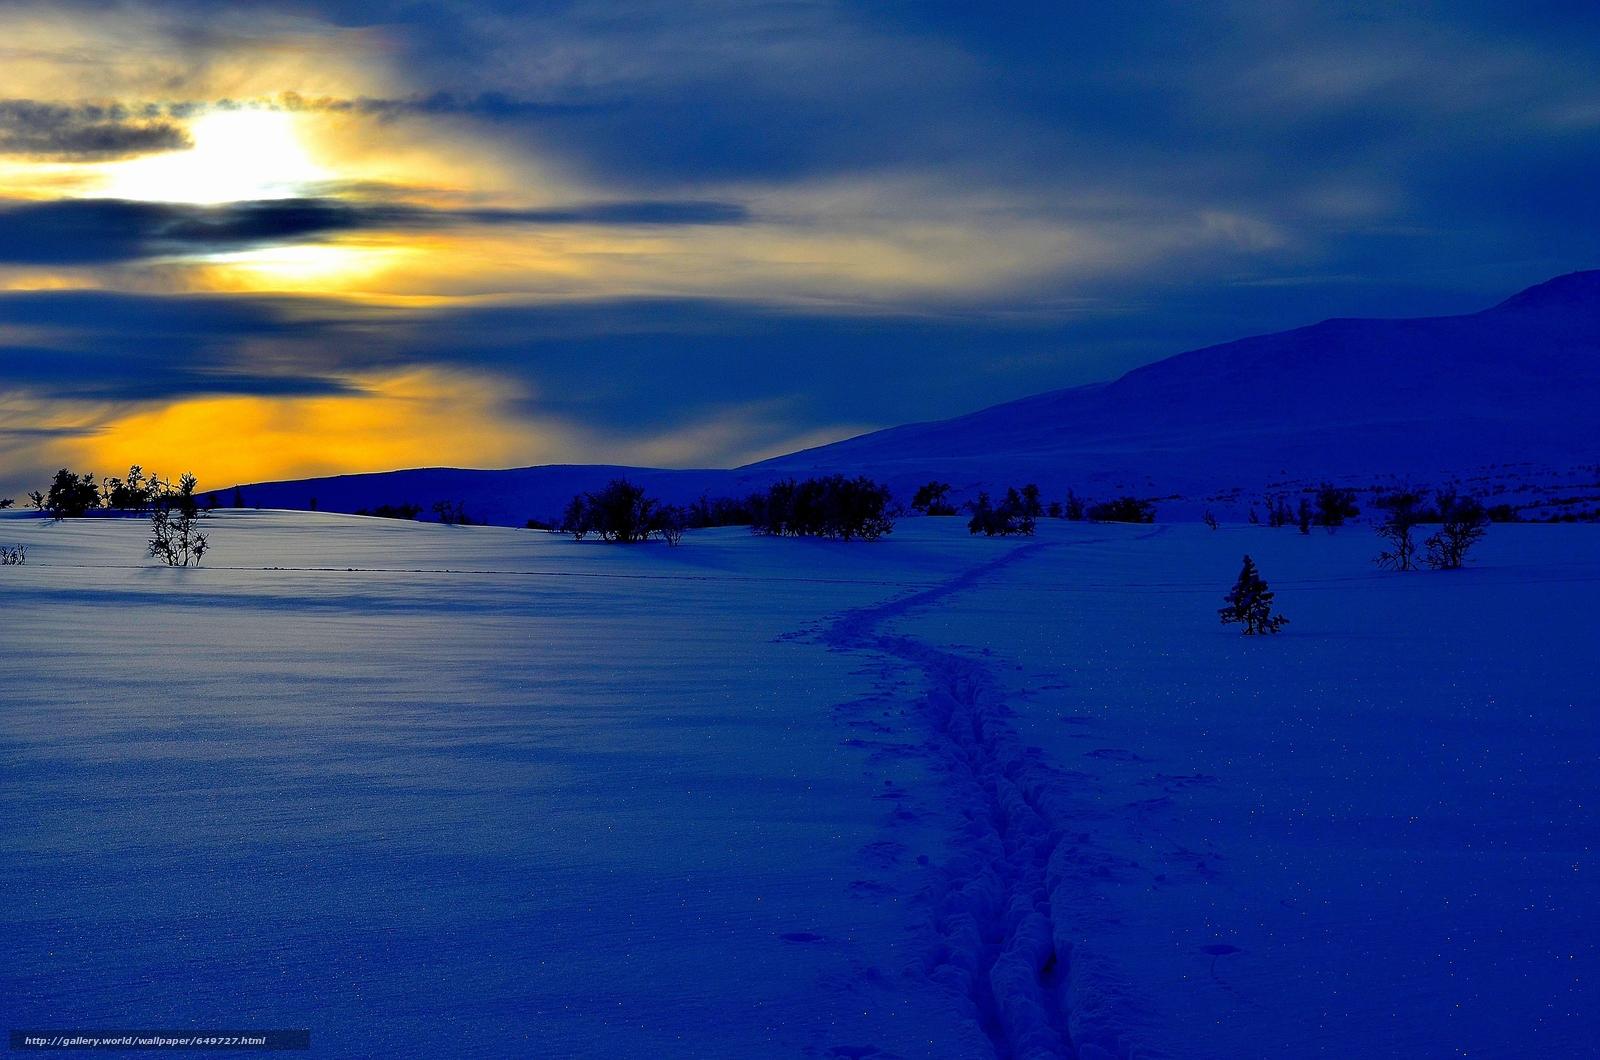 壁紙をダウンロード 冬,  日没,  雪,  ドリフト デスクトップの解像度のための無料壁紙 4928x3264 — 絵 №649727